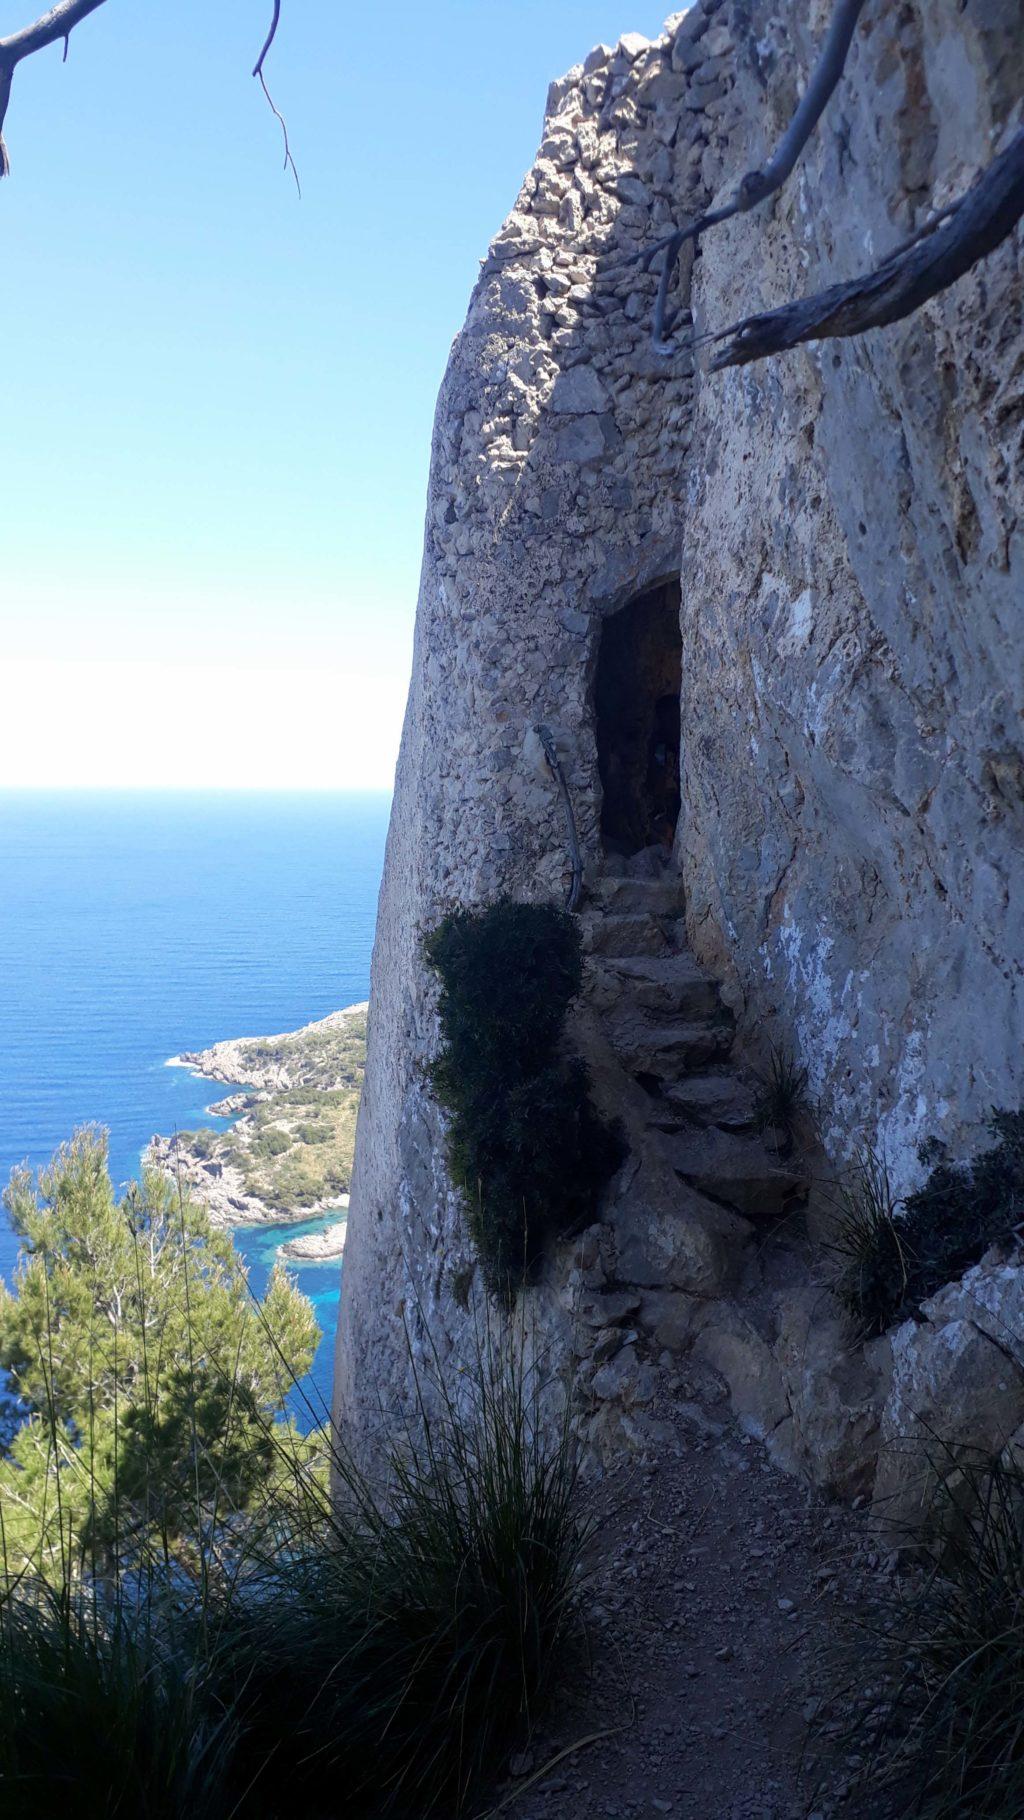 Felsdurchgang zum Aussichtspunkt Mirador Penya del Migdia